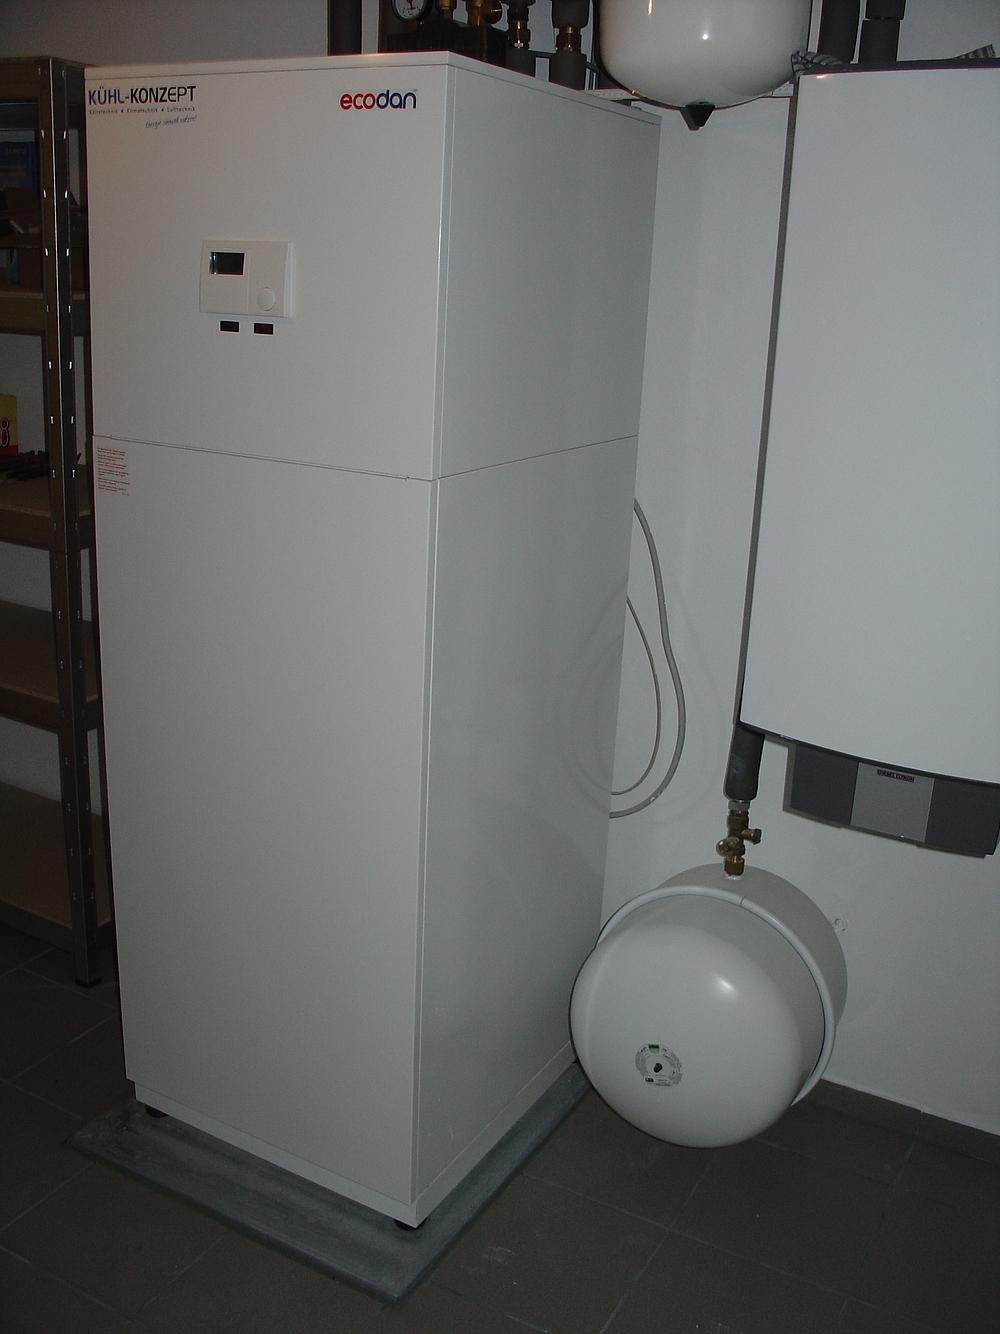 zubadan ecodan luft wasser w rmepumpe mit brauchwasserbereitung k hl konzept. Black Bedroom Furniture Sets. Home Design Ideas